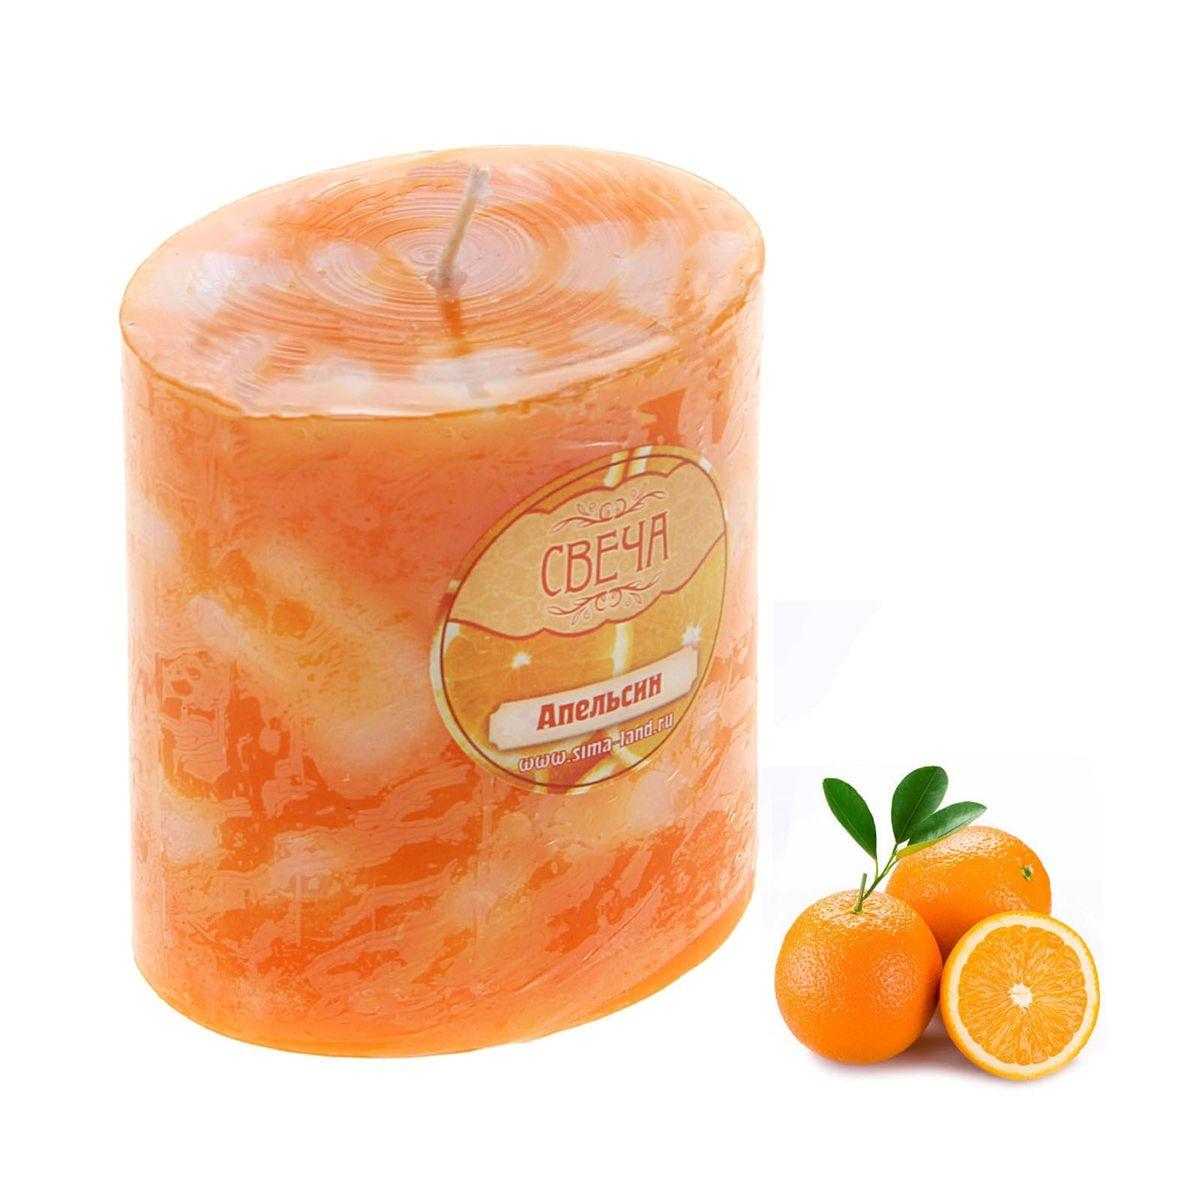 Свеча ароматизированная Sima-land Слияние, с ароматом апельсина, цвет: оранжевый, белый, высота 7 см849516Ароматизированная свеча Sima-land Слияние изготовлена из воска. Изделие отличается оригинальным дизайном и приятным ароматом апельсина. Свеча Sima-land Слияние - это прекрасный выбор для тех, кто хочет сделать запоминающийся презент родным и близким. Она поможет создать атмосферу праздника. Такой подарок запомнится надолго.